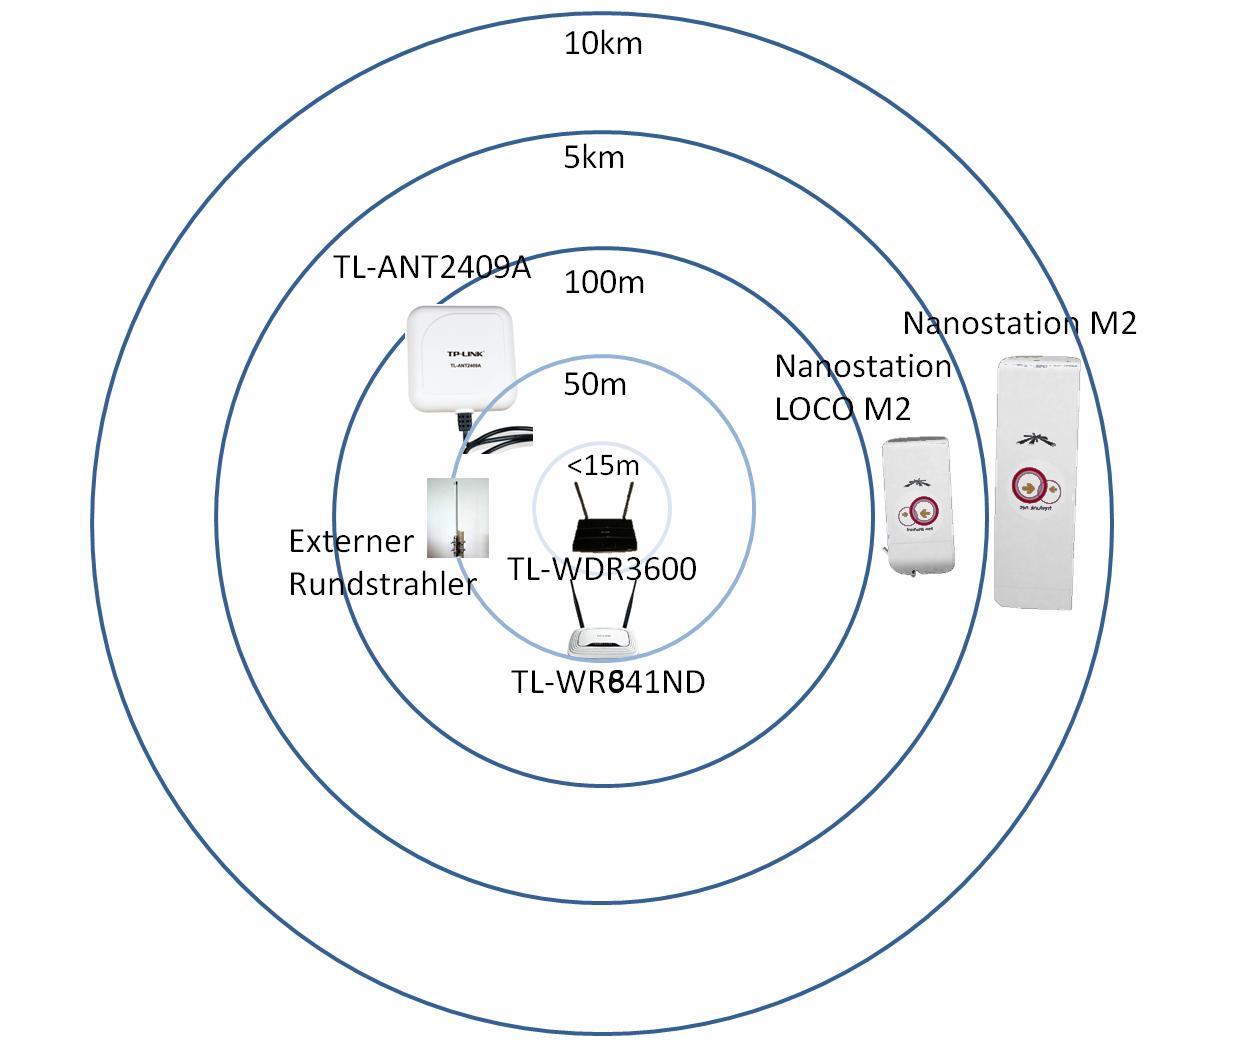 Reichweiten Erhhen Wie Am Besten Fr Laien Hardware Freifunk Nanostation M2 Wiring Diagram Reichweiten1244x1051 182 Kb